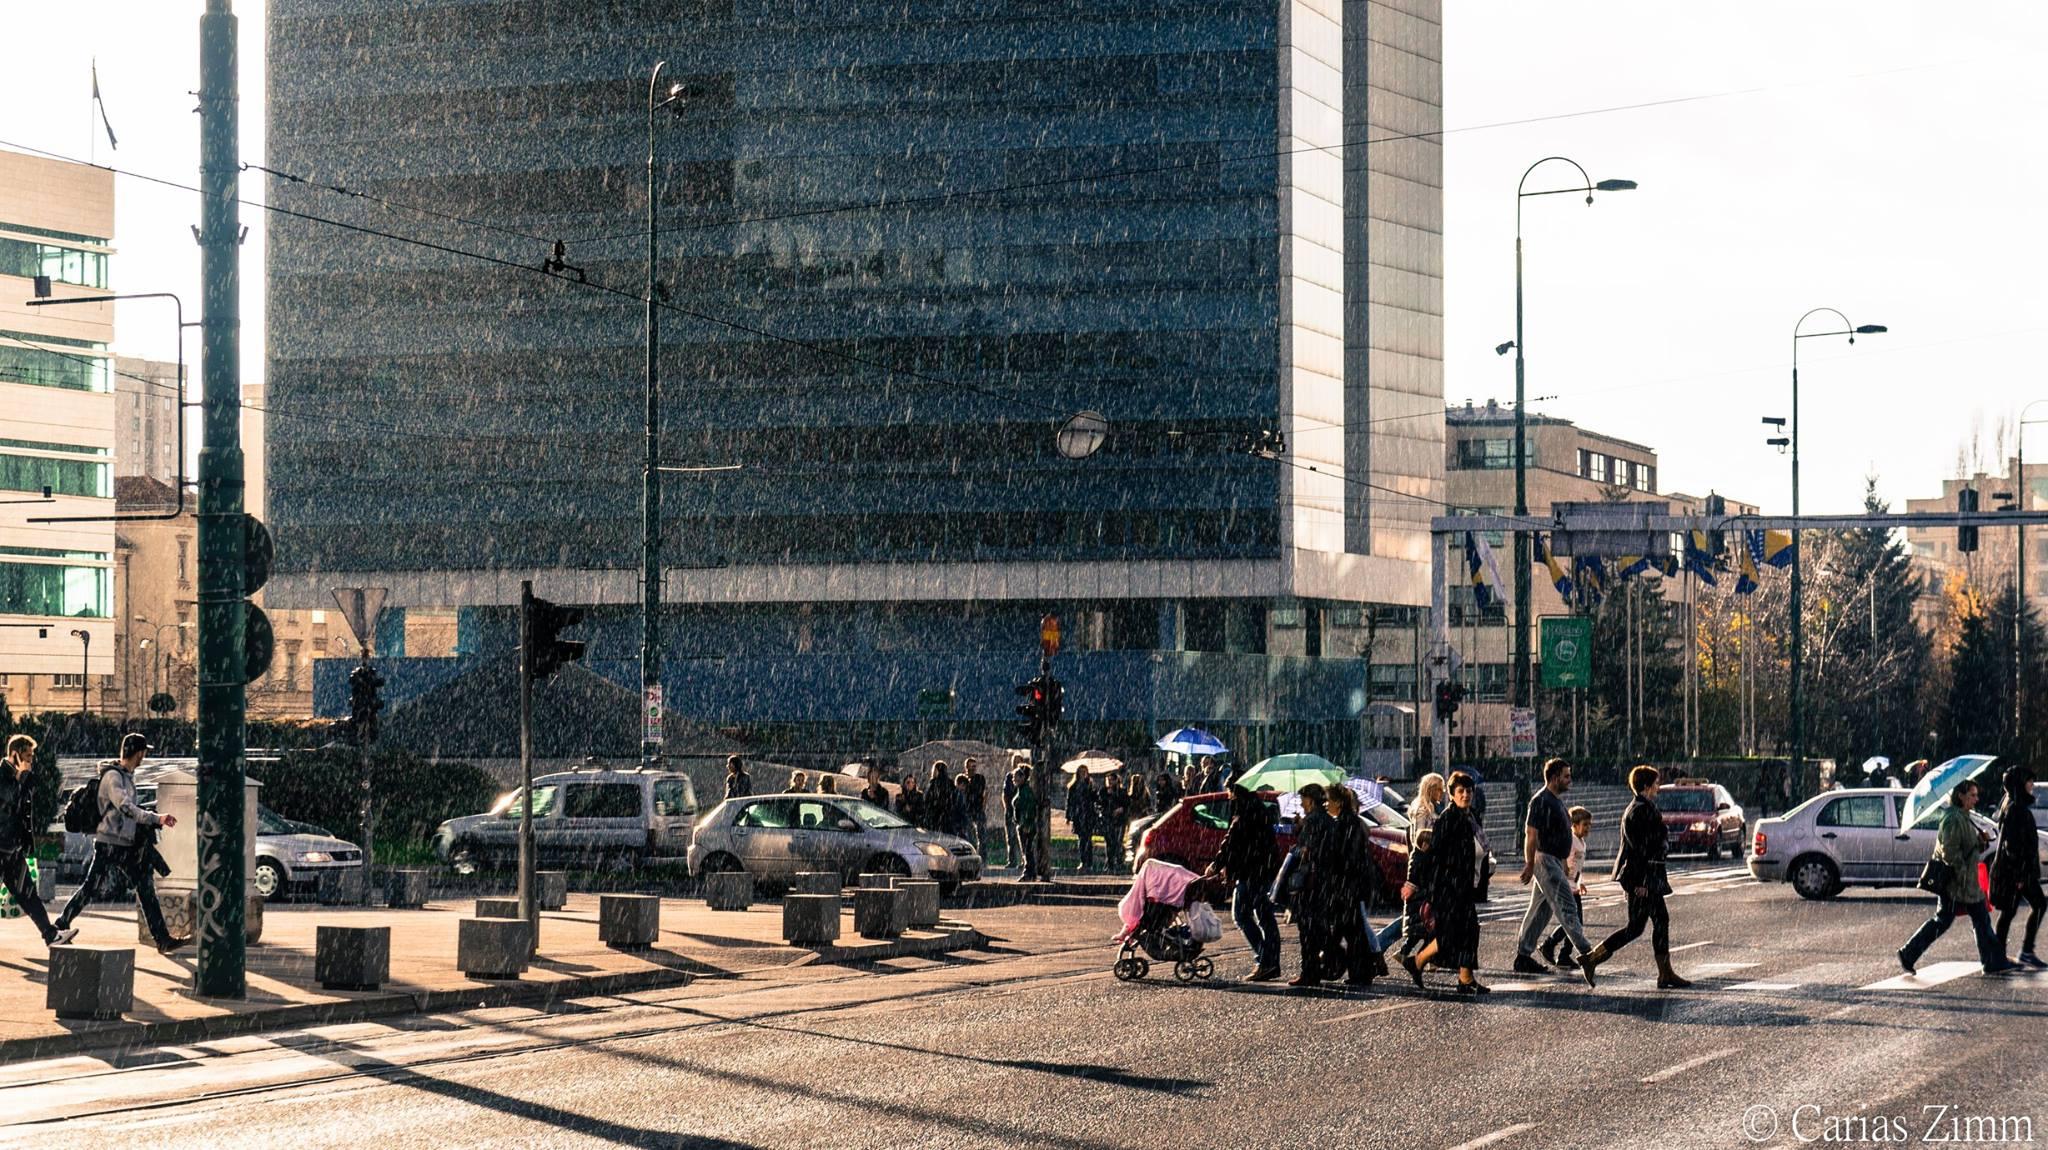 Kiša kupa Marindvor (Sarajevo, foto: Carias Zimm)